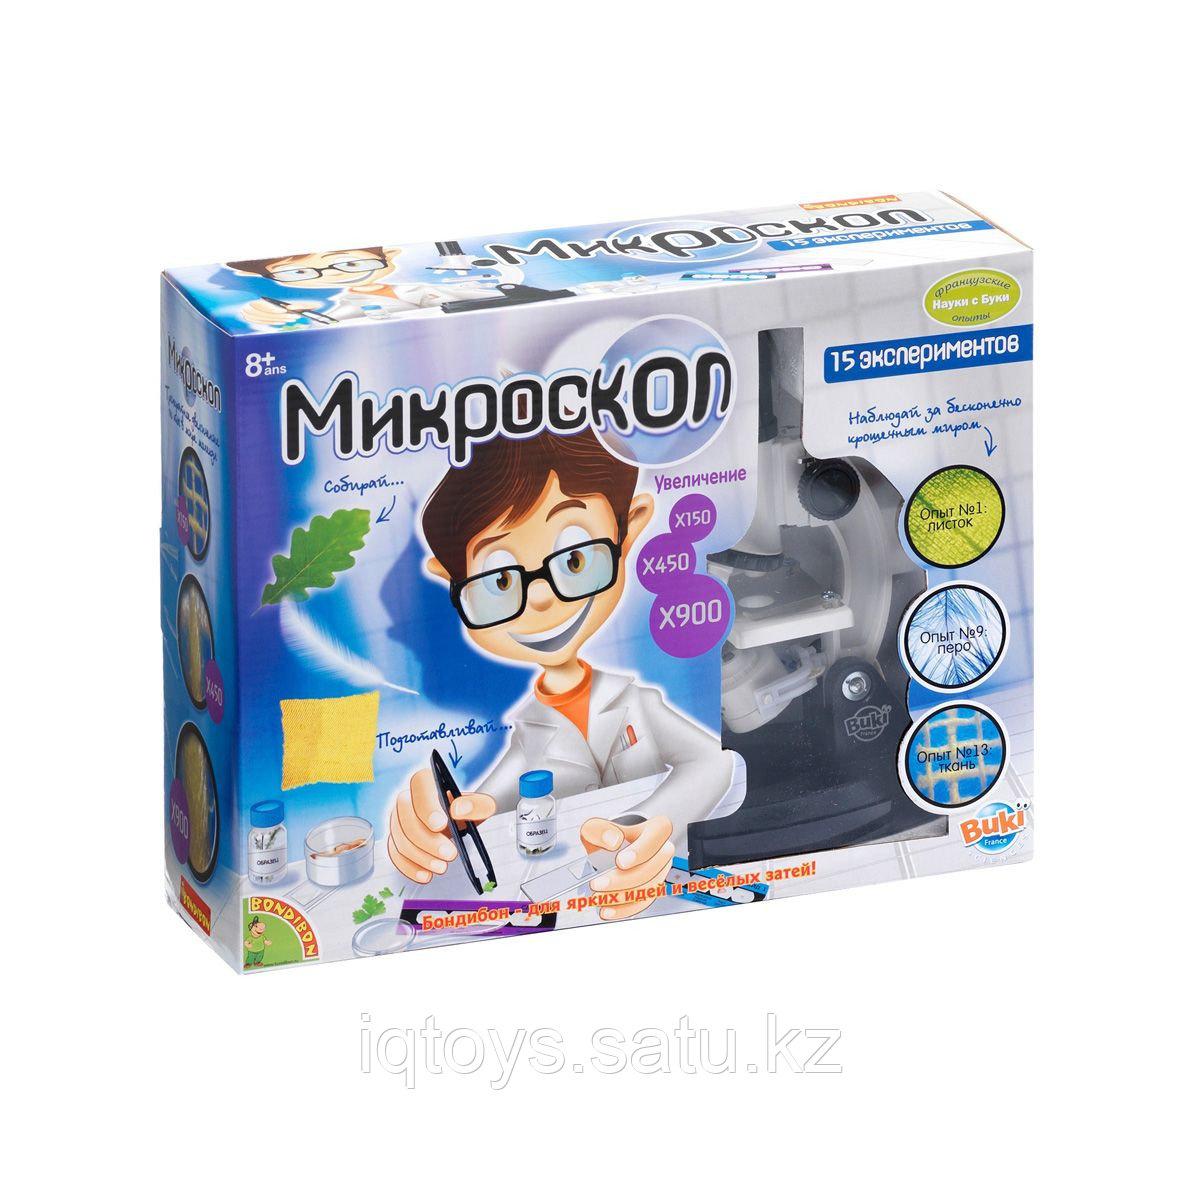 Настольная игра Микроскоп Бондибон (Bondibon)